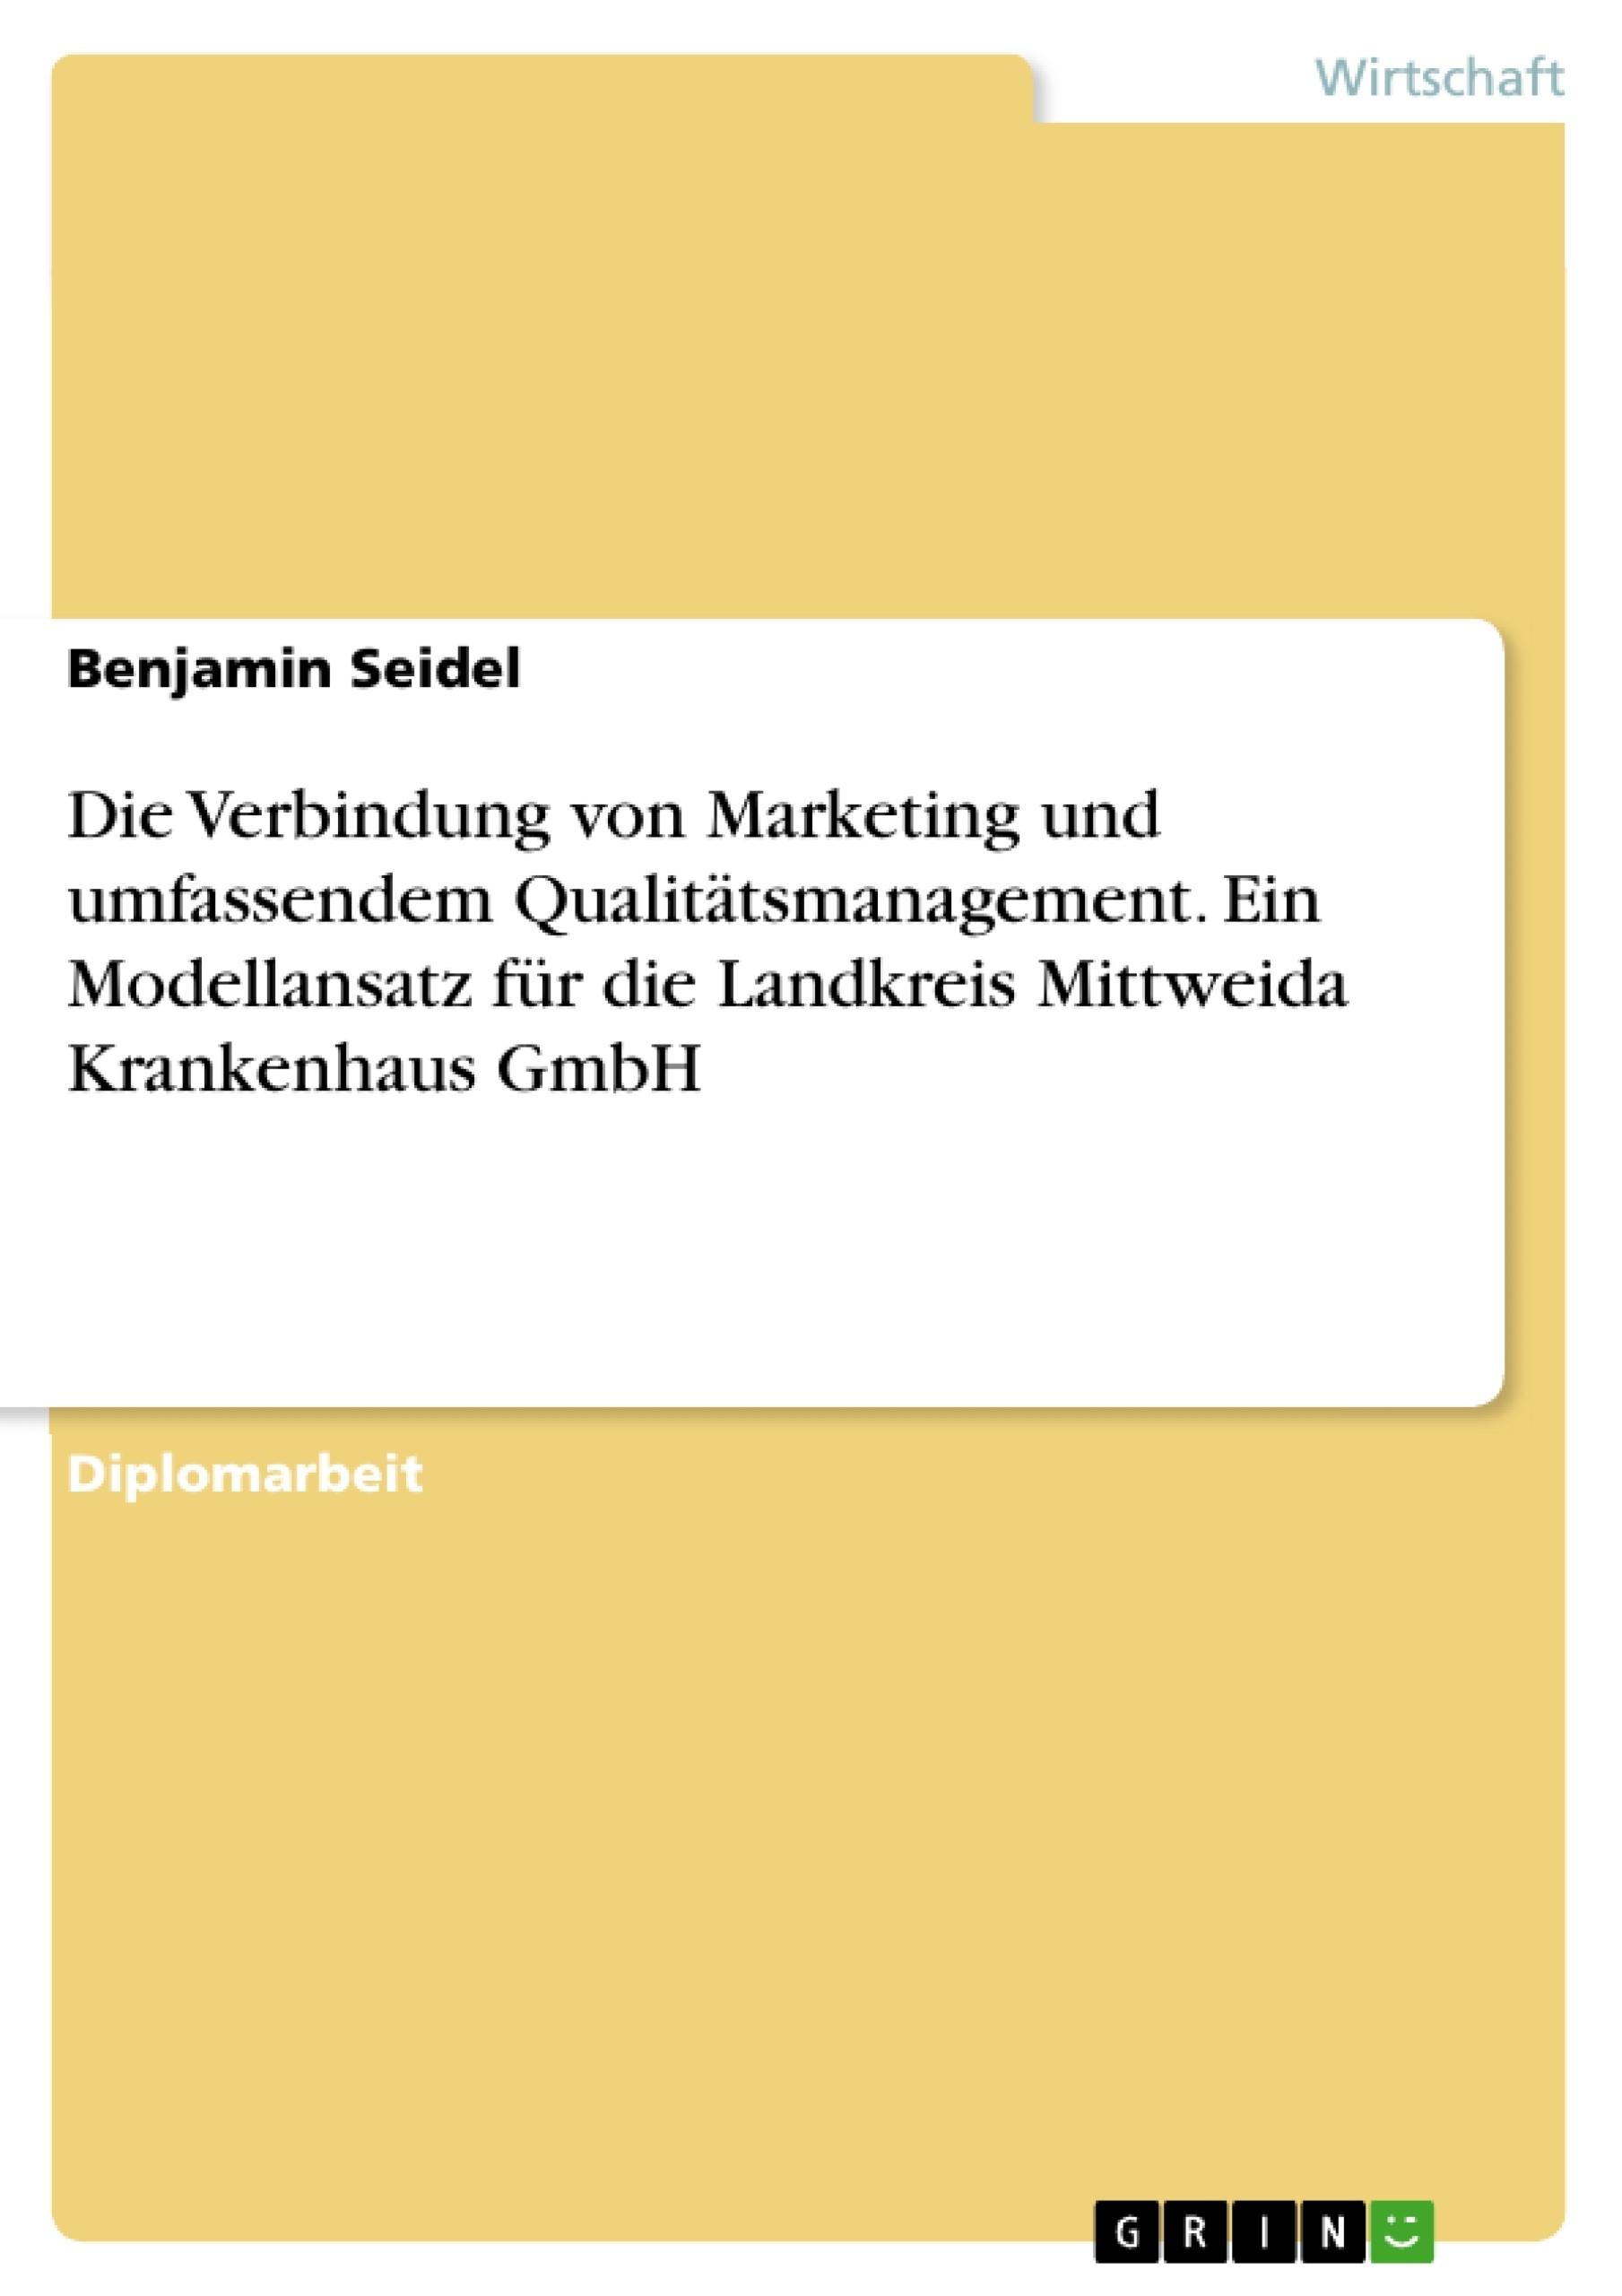 Titel: Die Verbindung von Marketing und umfassendem Qualitätsmanagement. Ein Modellansatz für die Landkreis Mittweida Krankenhaus GmbH